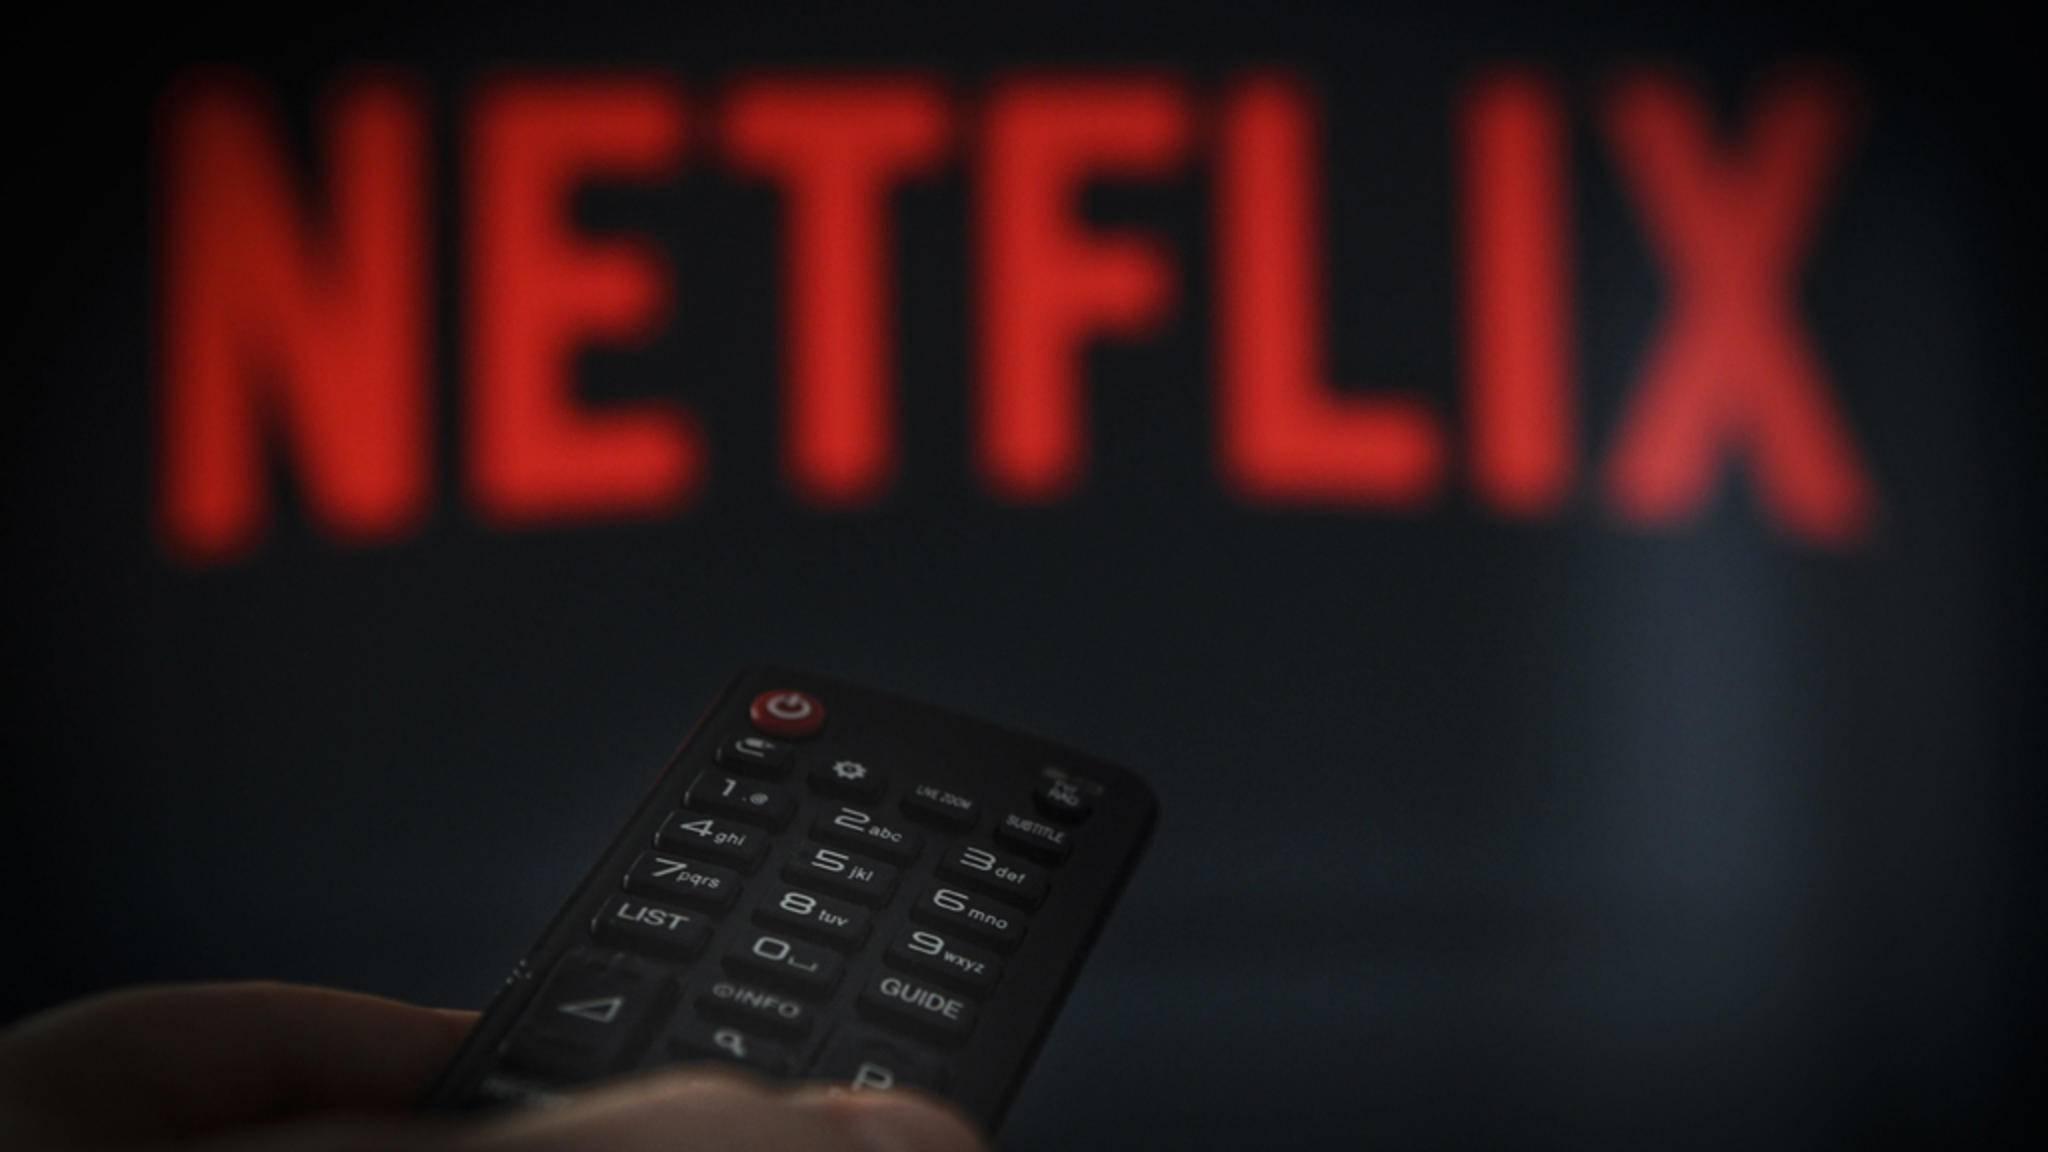 Künftig gibt's keine Kritiken mehr auf Netflix zu lesen.